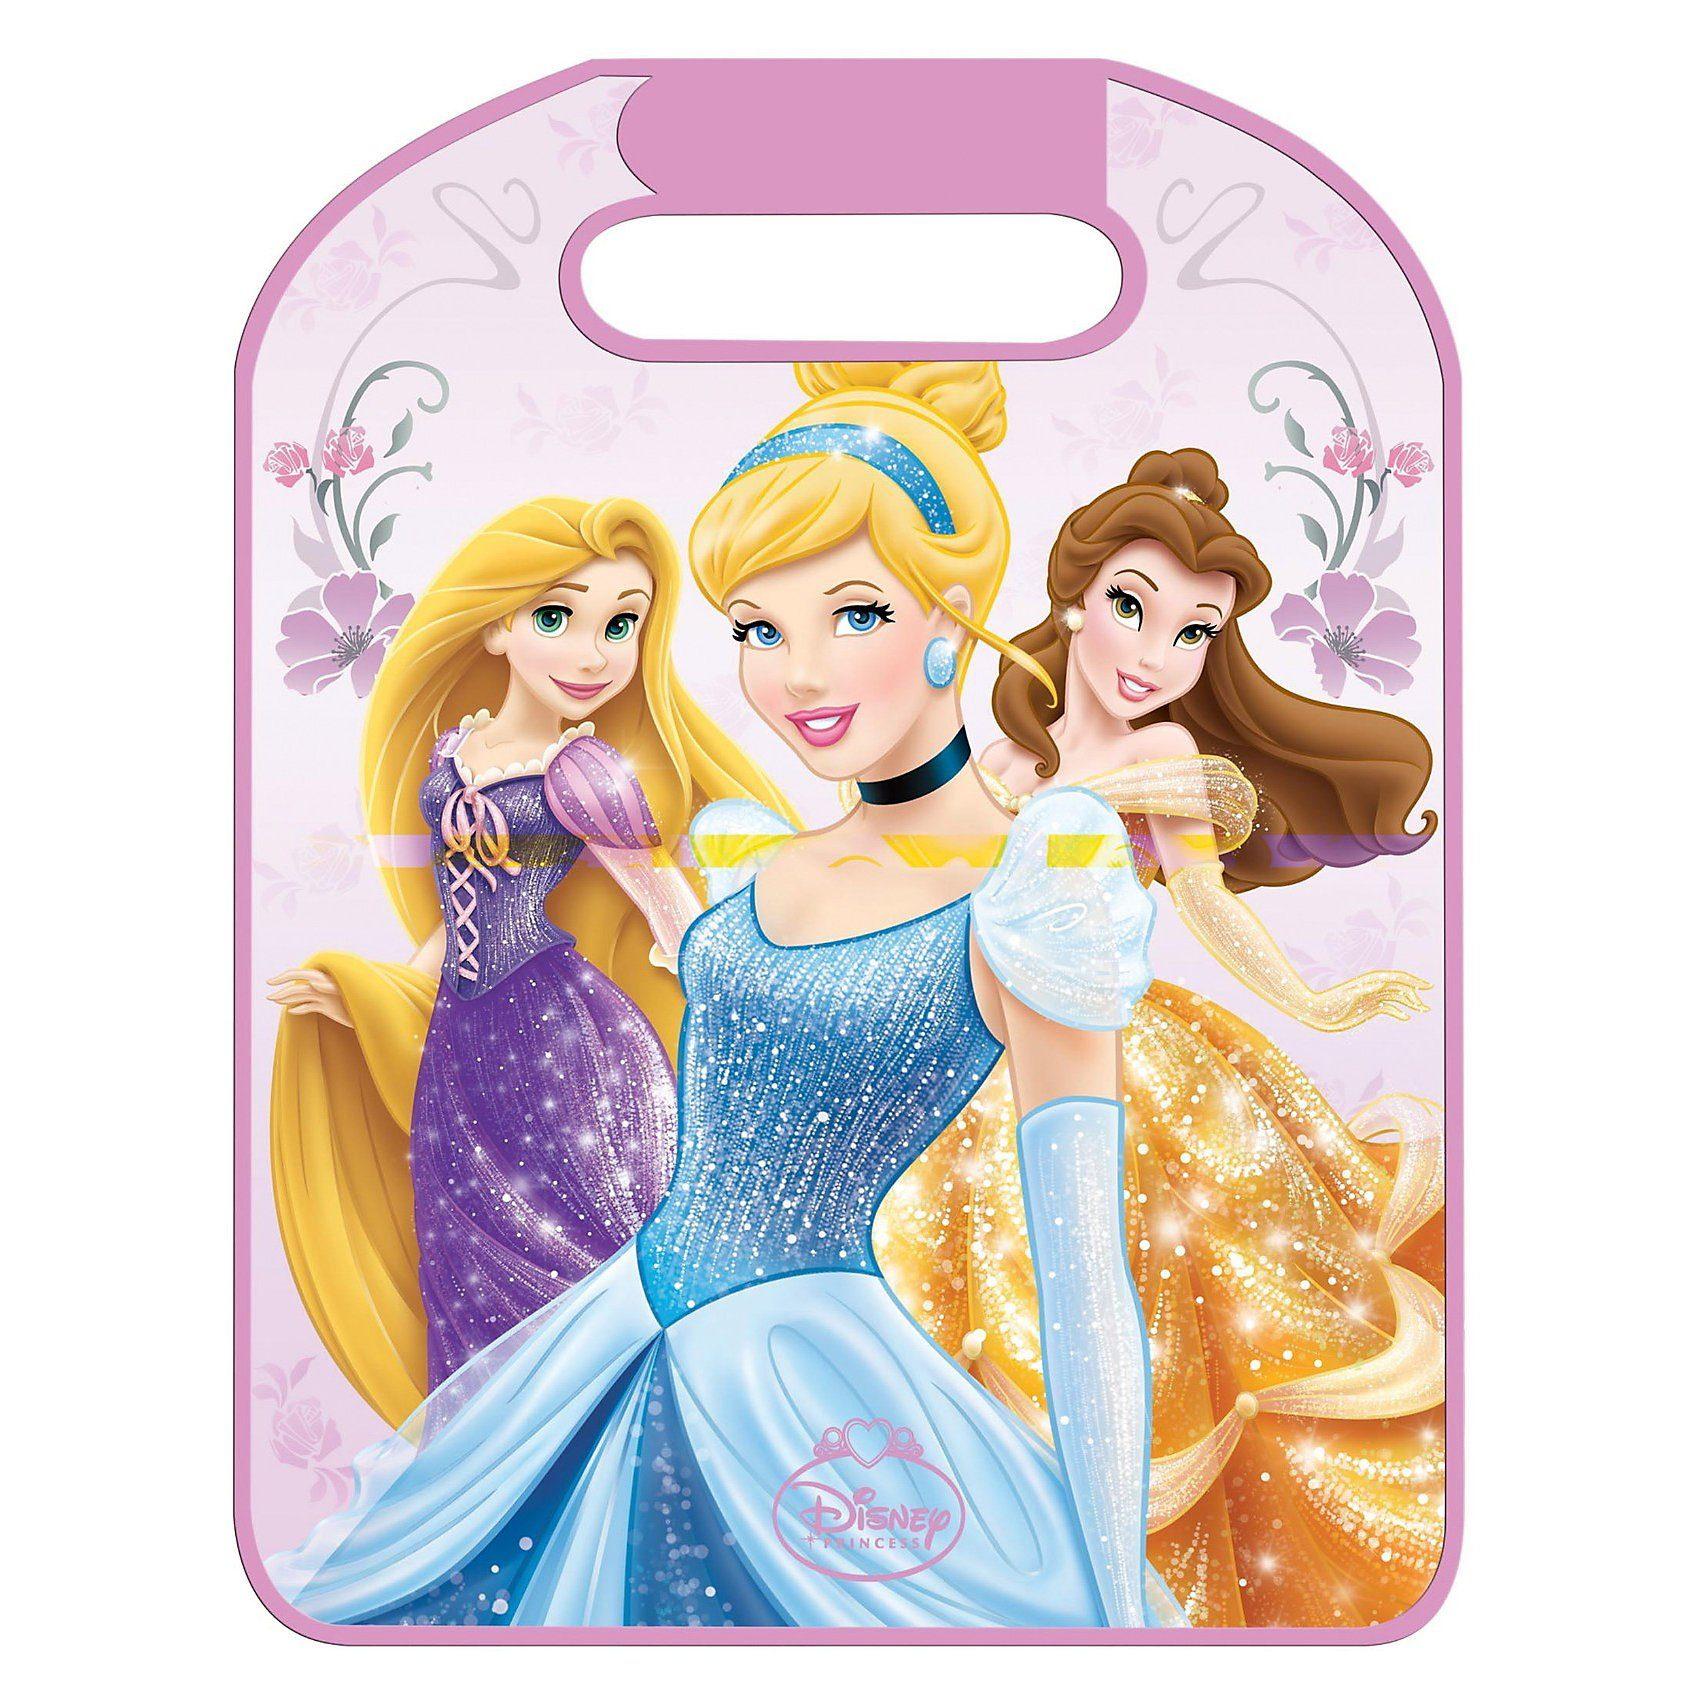 ProType Auto- Rückenlehnenschutz, Disney Princess